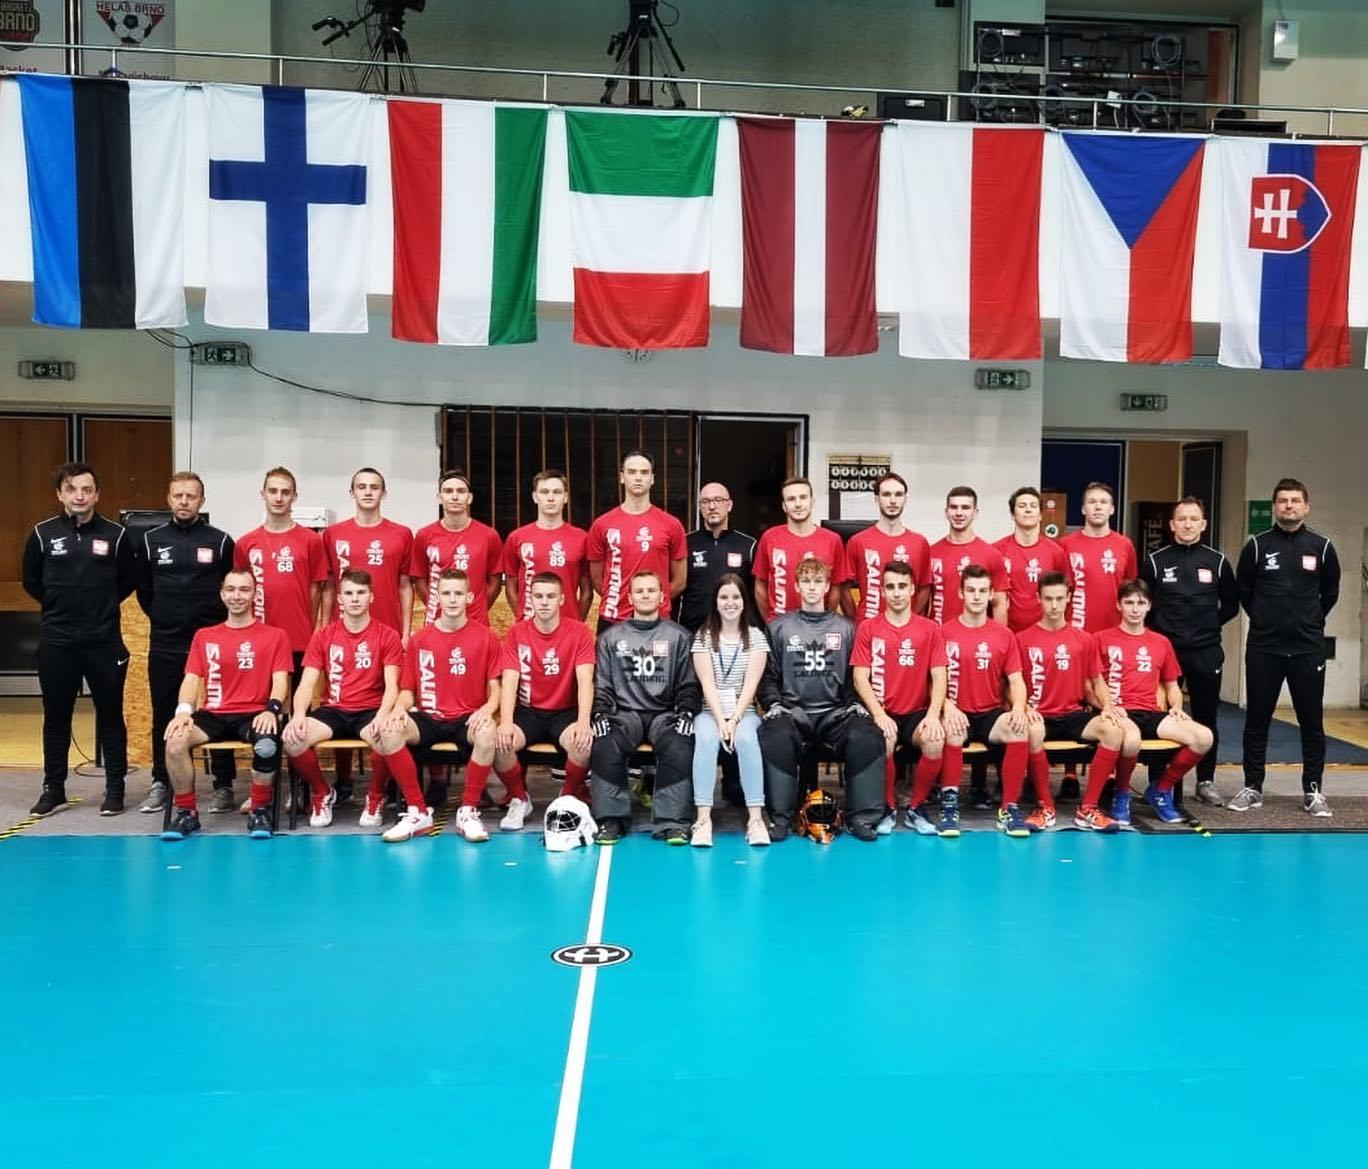 Polska MU19 - Mistrzostwa Świata 2021 (Brno, Czechy)